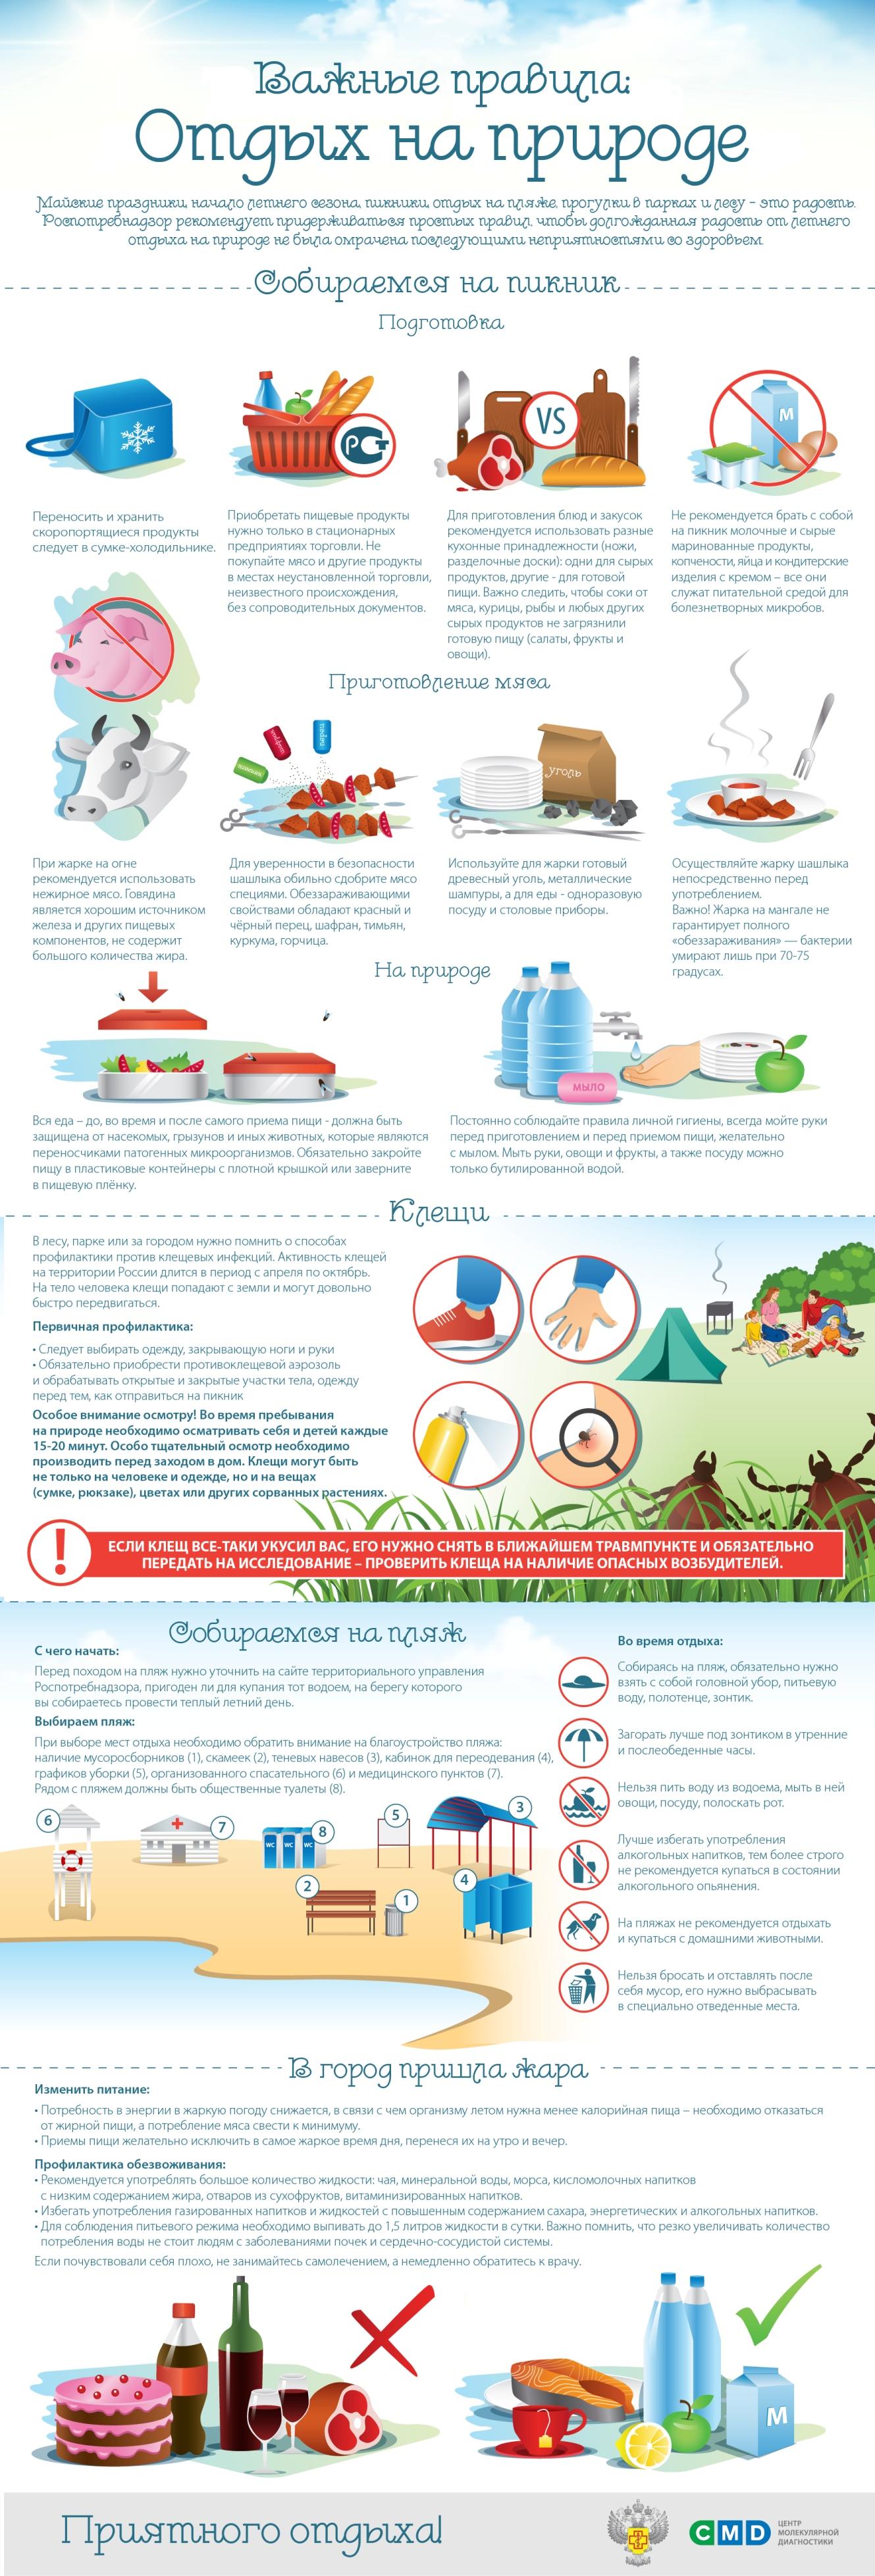 Памятка: как отдохнуть на природе и не навредить здоровью